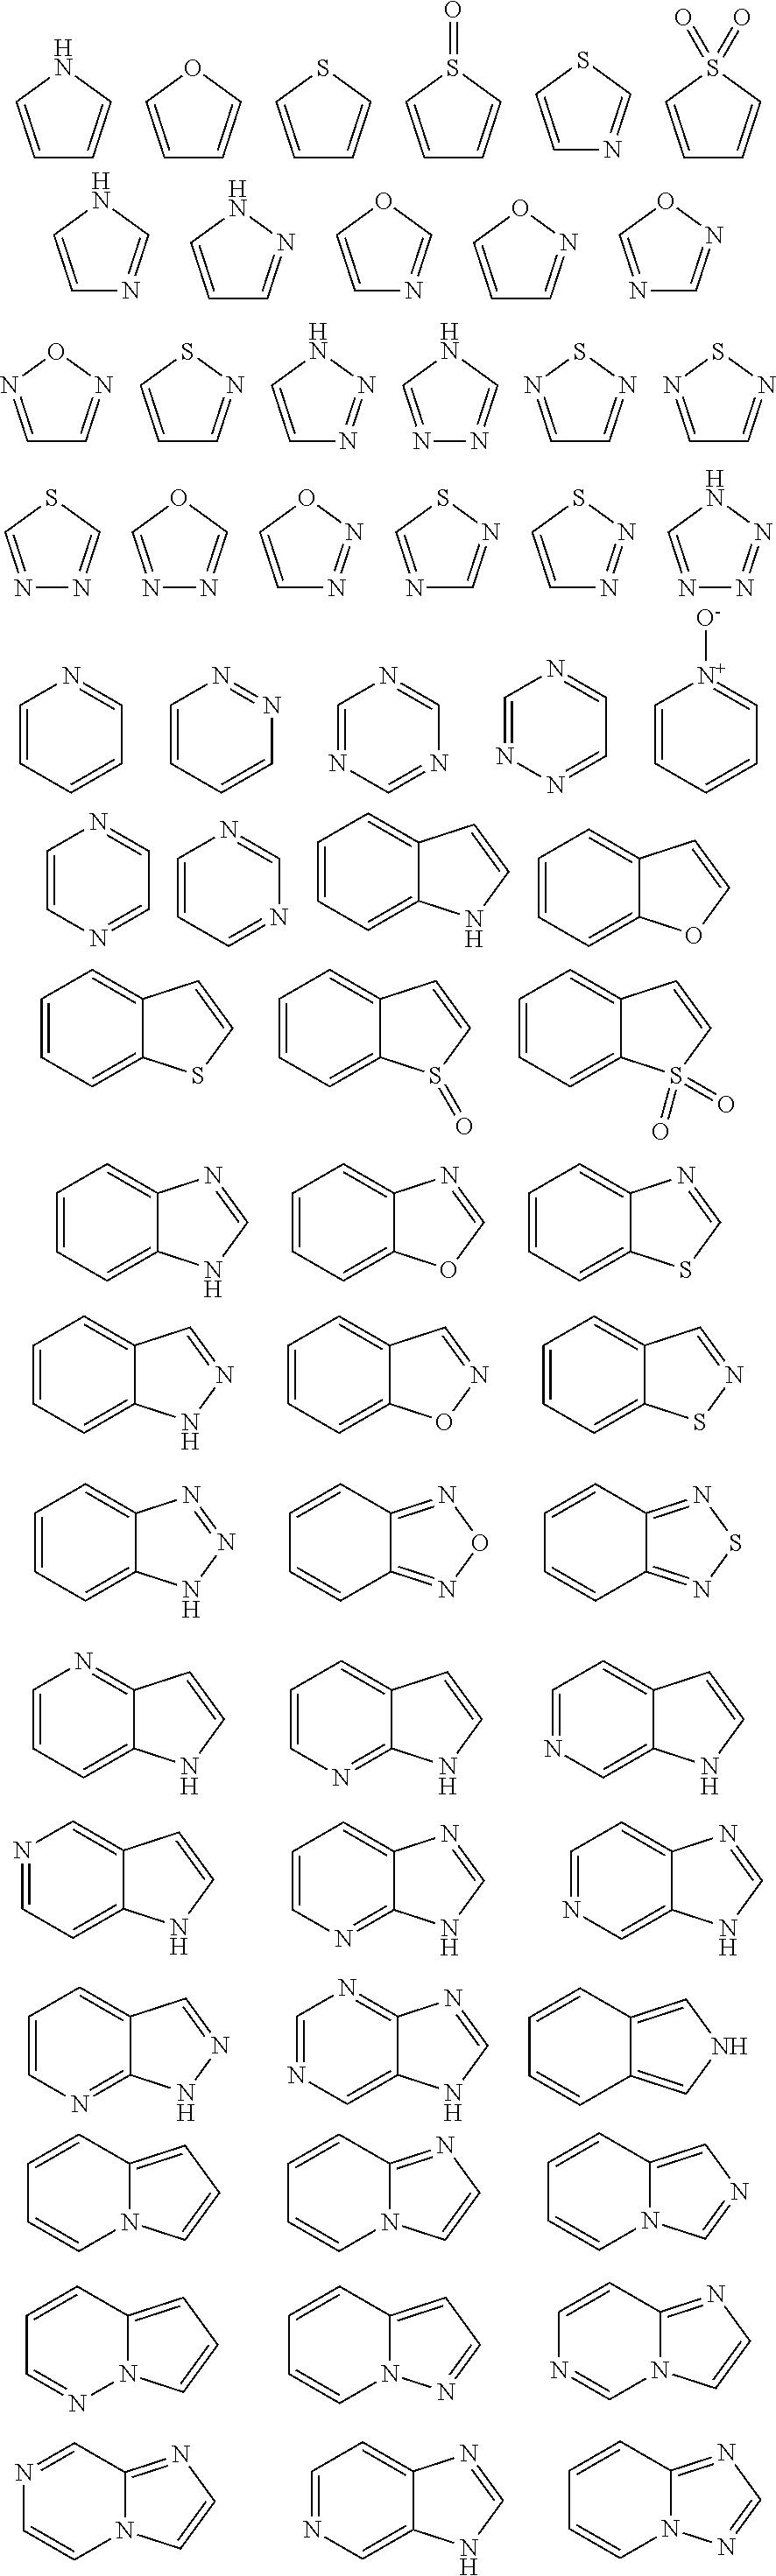 Figure US08895581-20141125-C00021